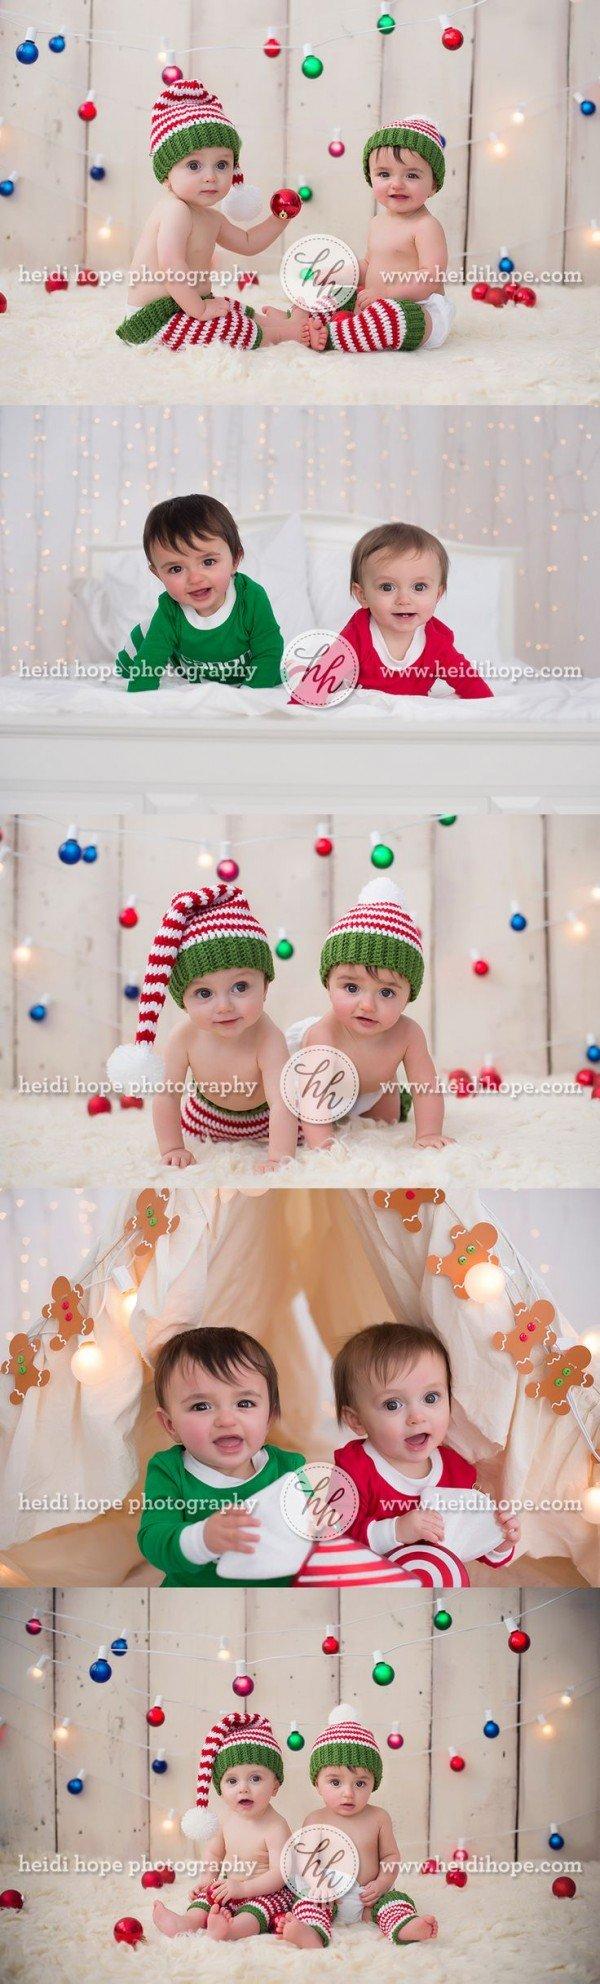 twins-at-christmas-e1418329428918